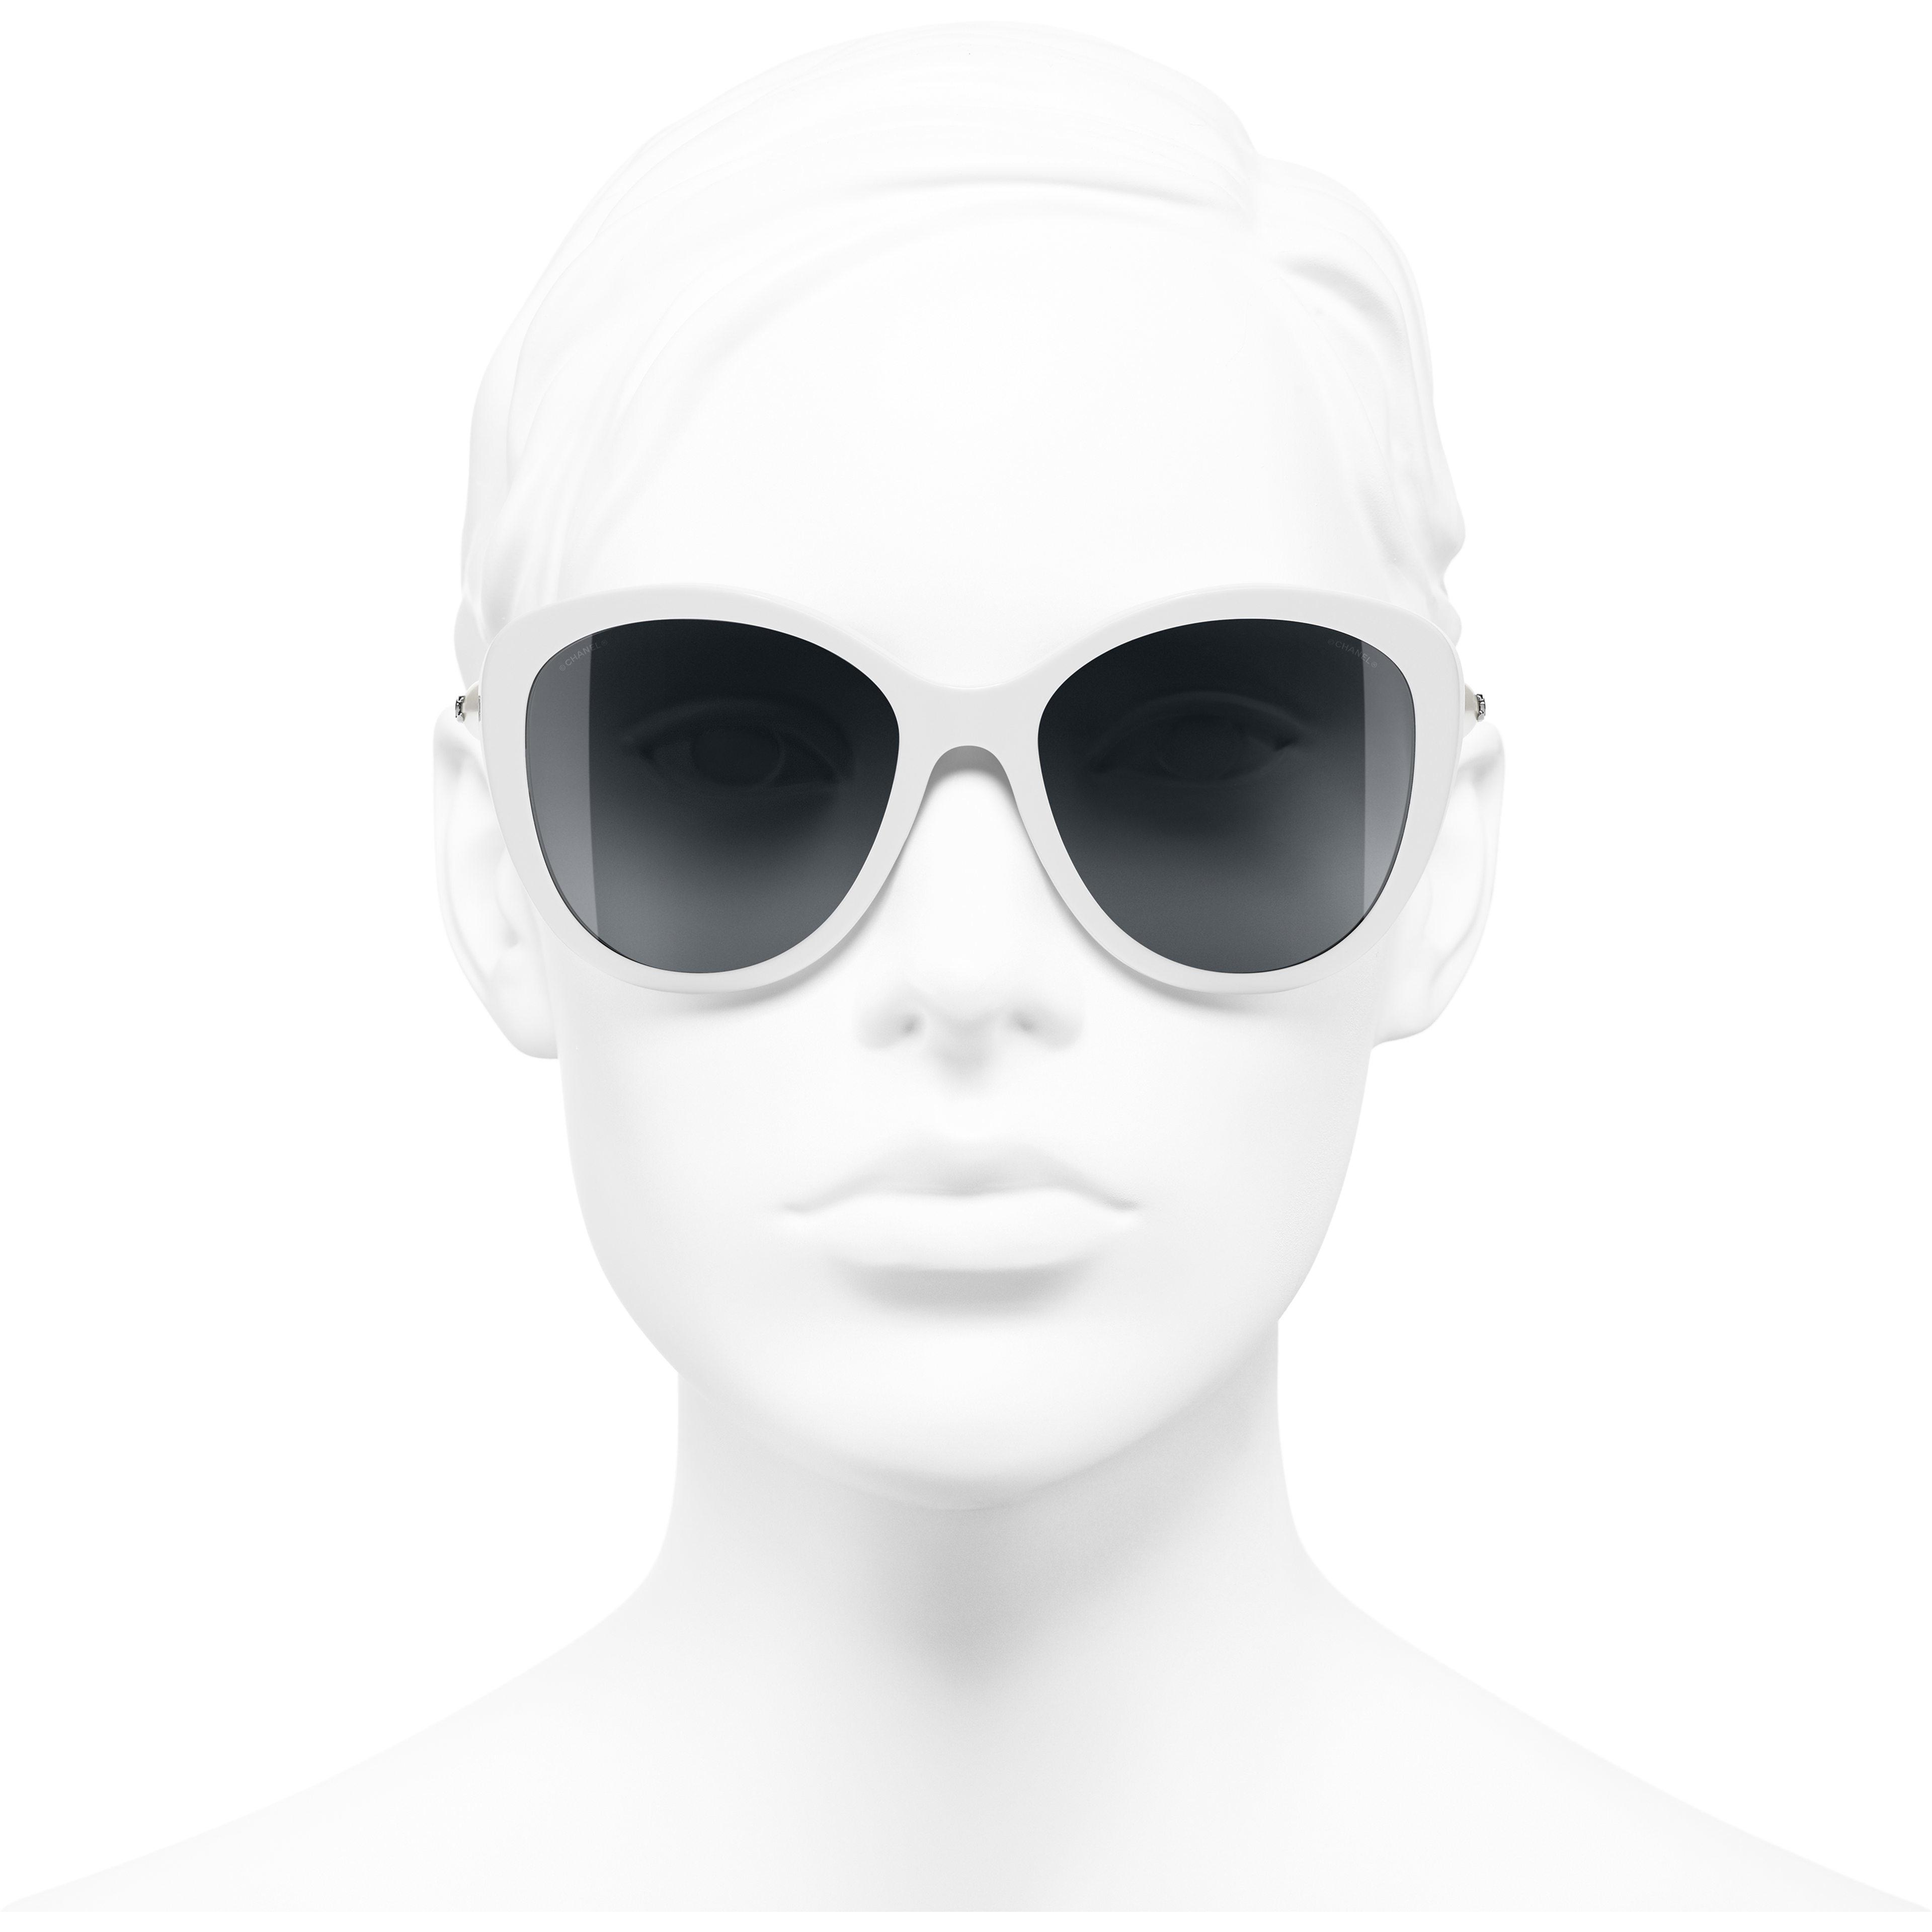 Schmetterlingsförmige Sonnenbrille - Weiß - Azetat & Modeschmuckkperlen - Vorderansicht - Standardgröße anzeigen